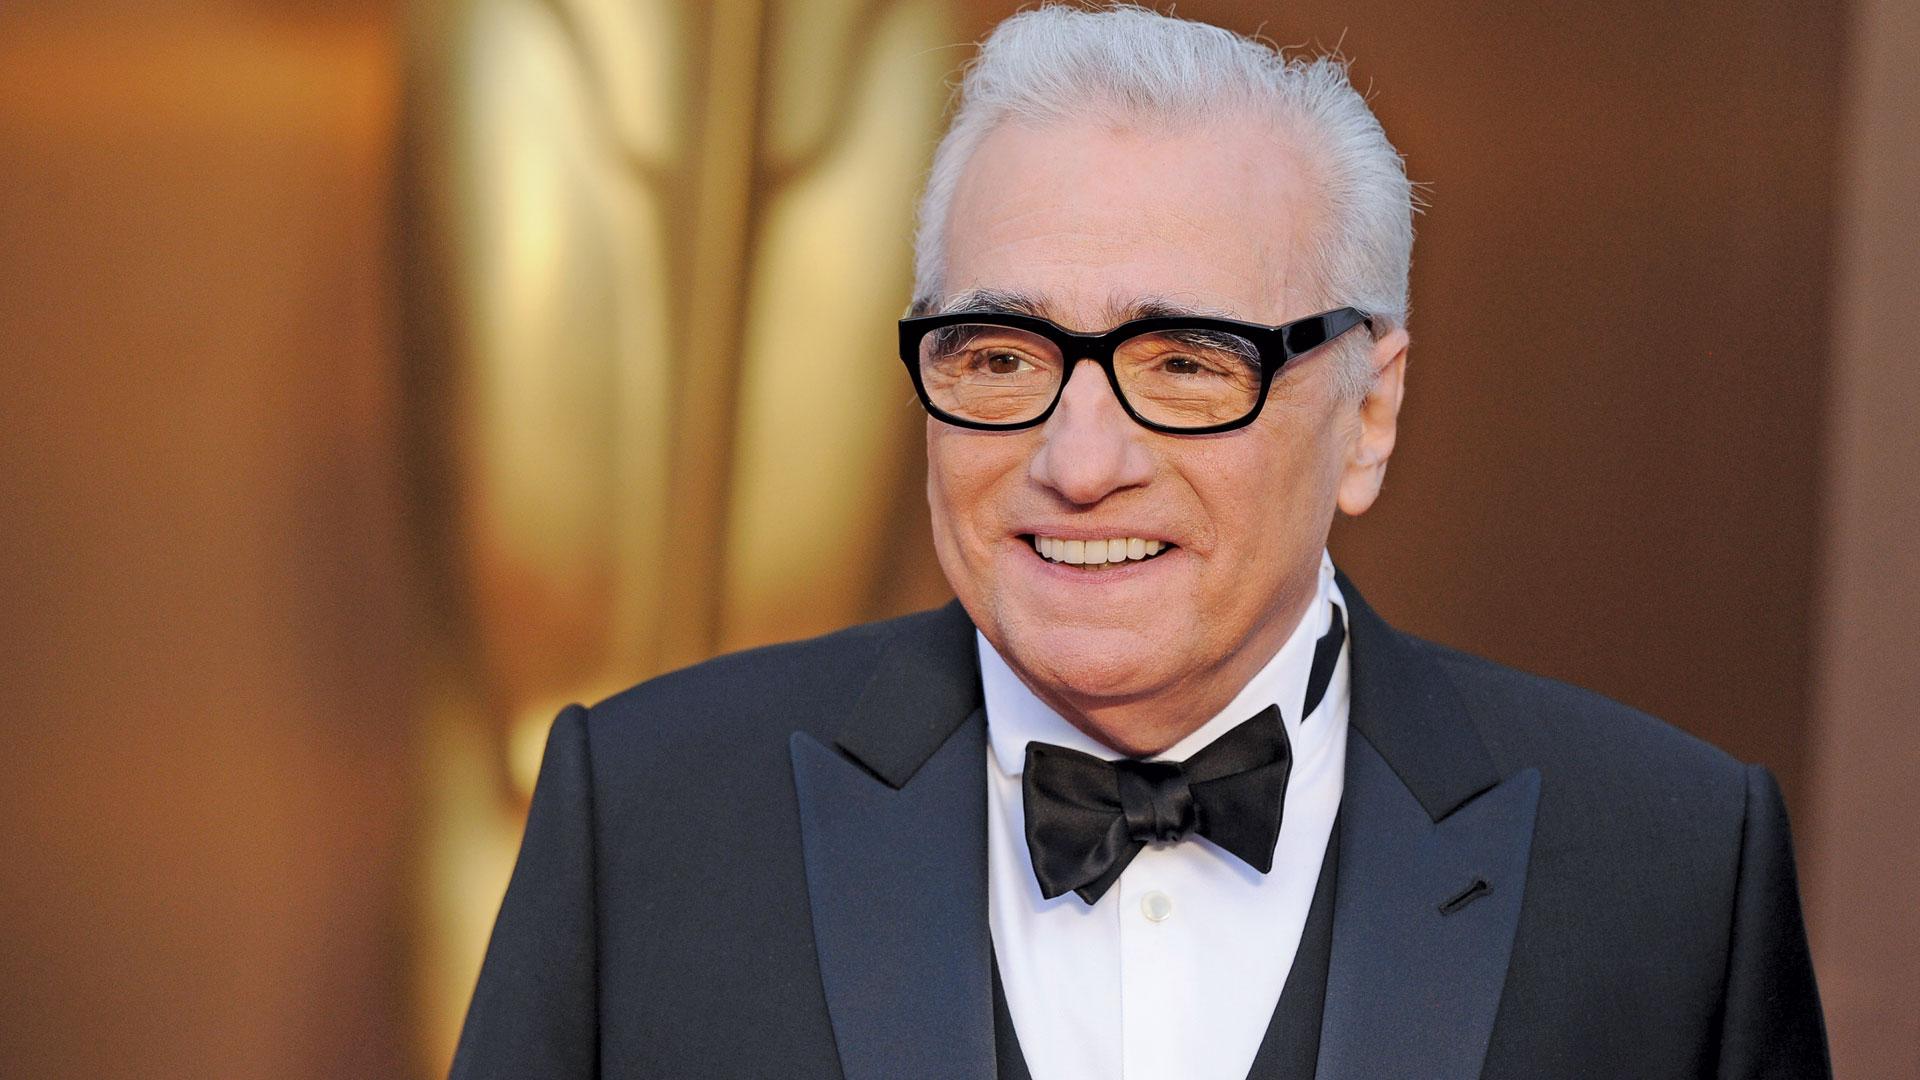 Le prochain film de Martin Scorsese pourrait devenir le plus cher de tous les temps